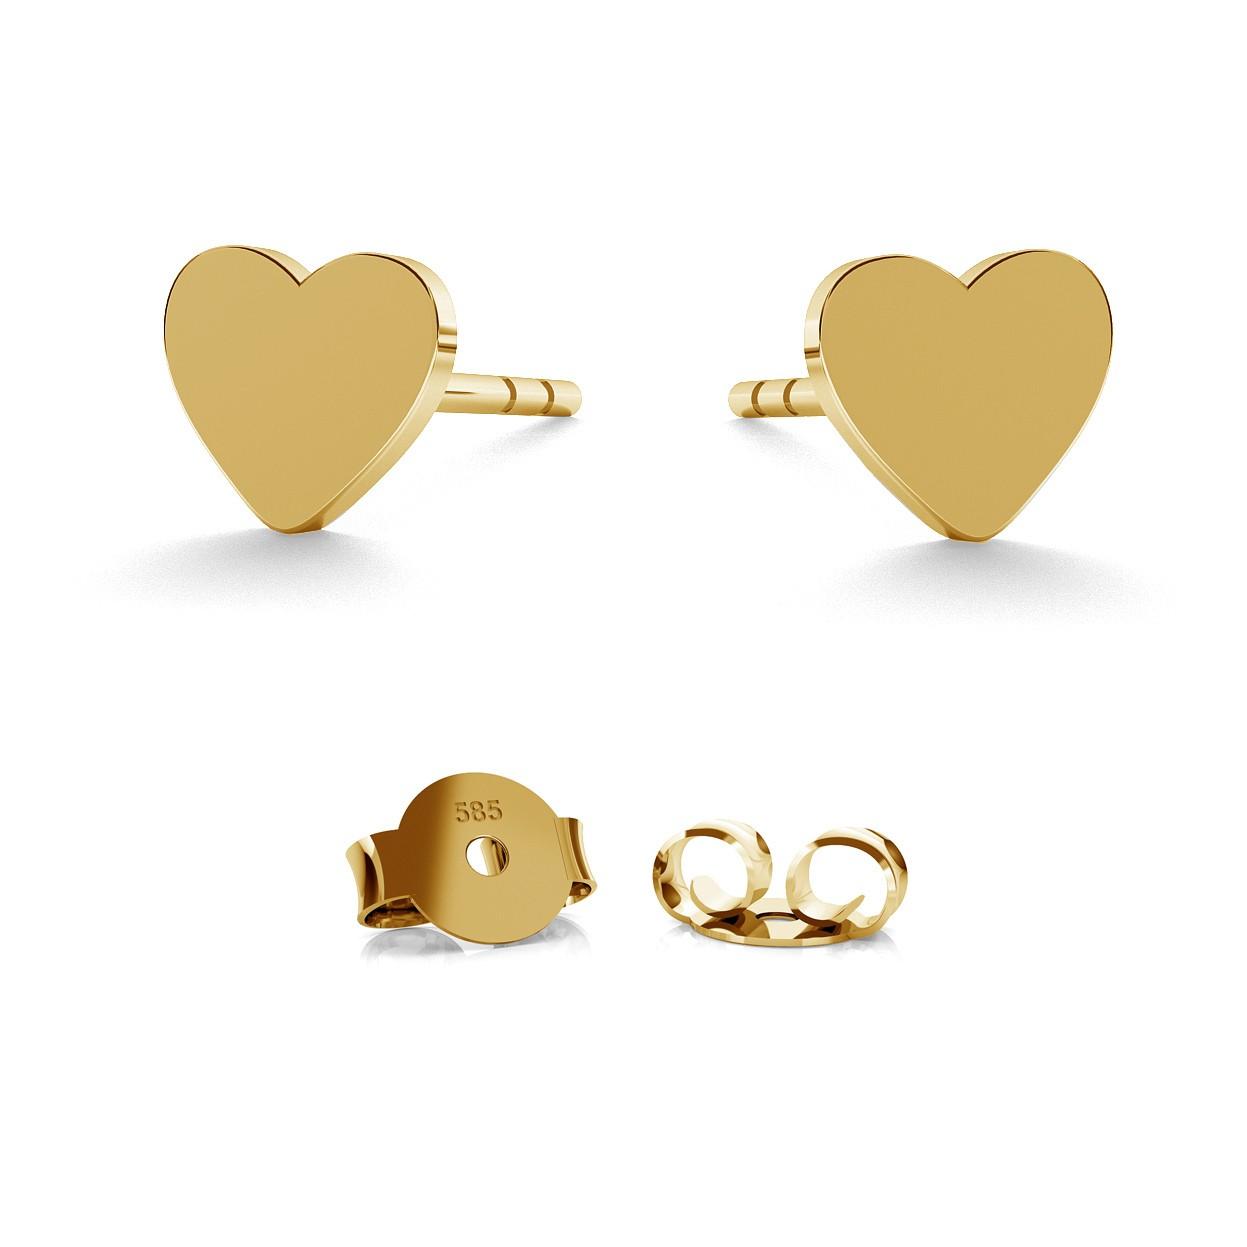 Heart earrings 14k gold, model 932